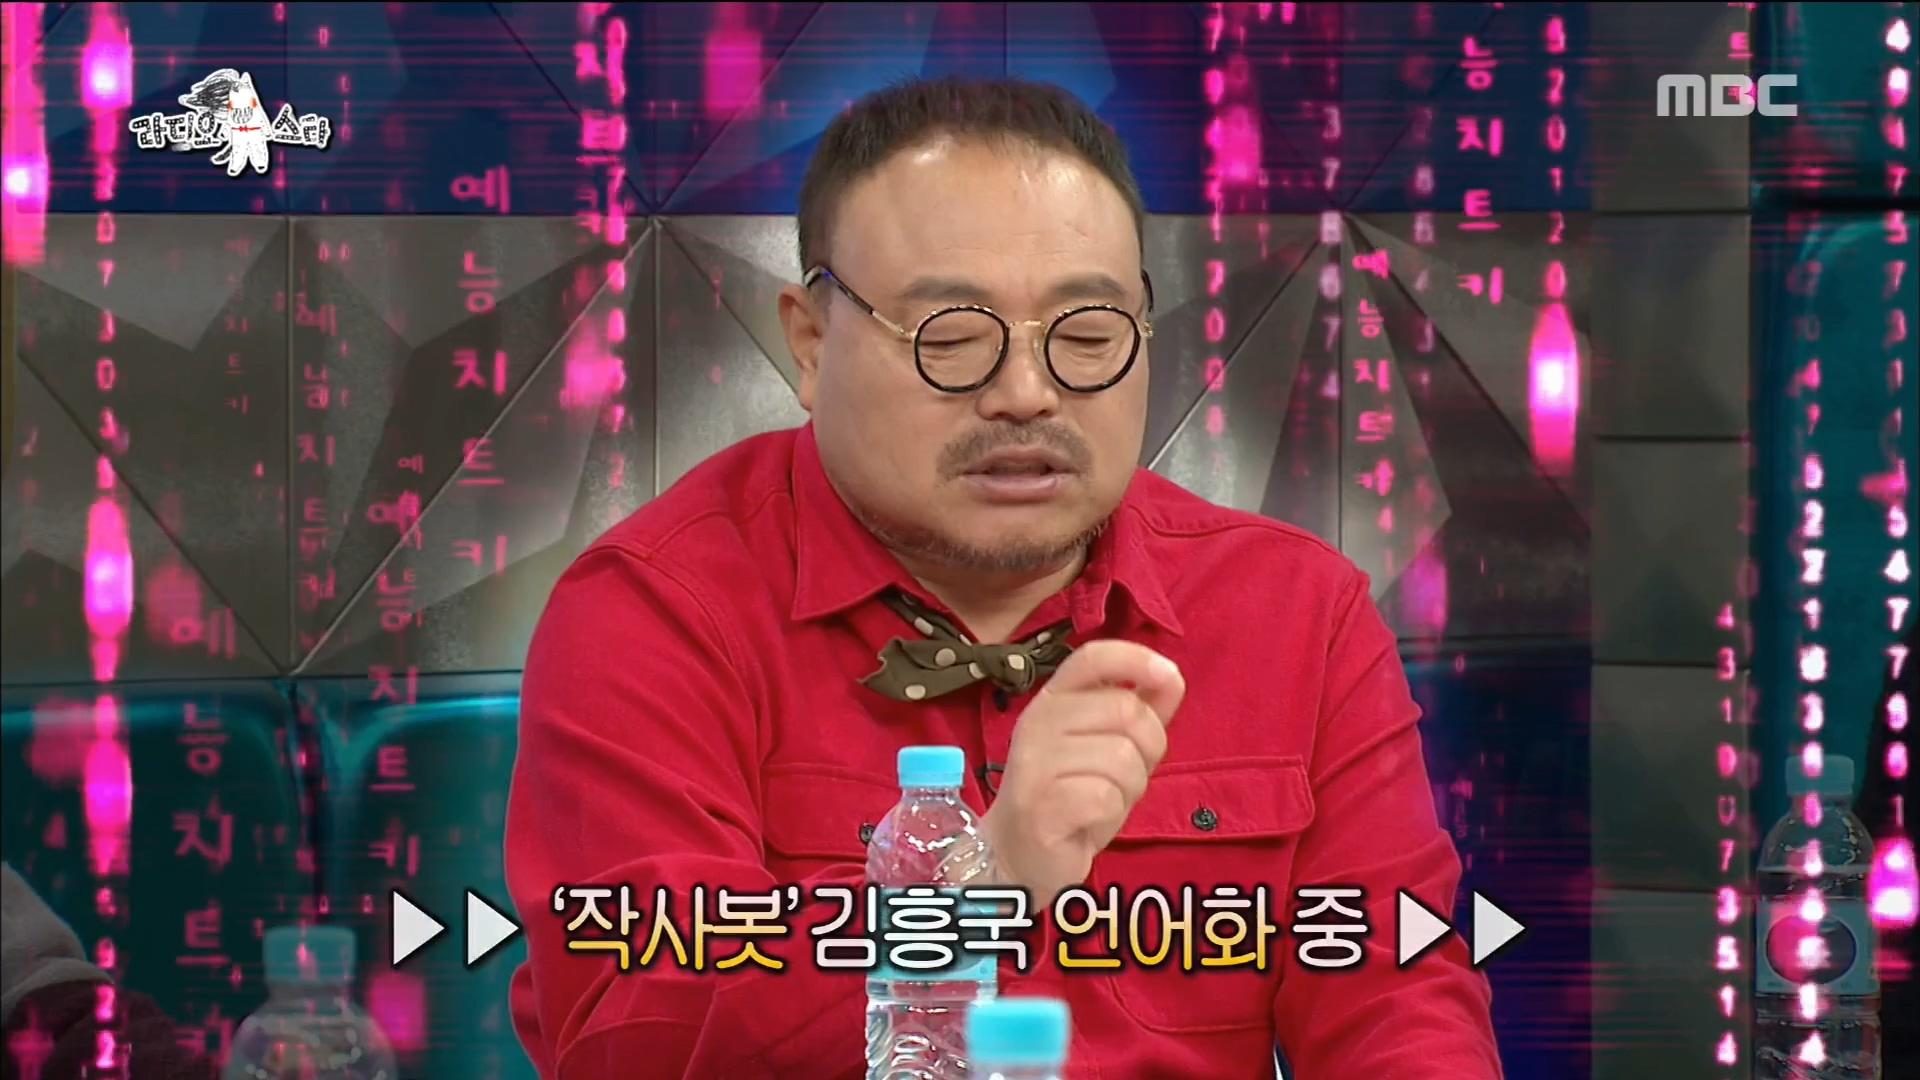 김흥국에게 봇이란?